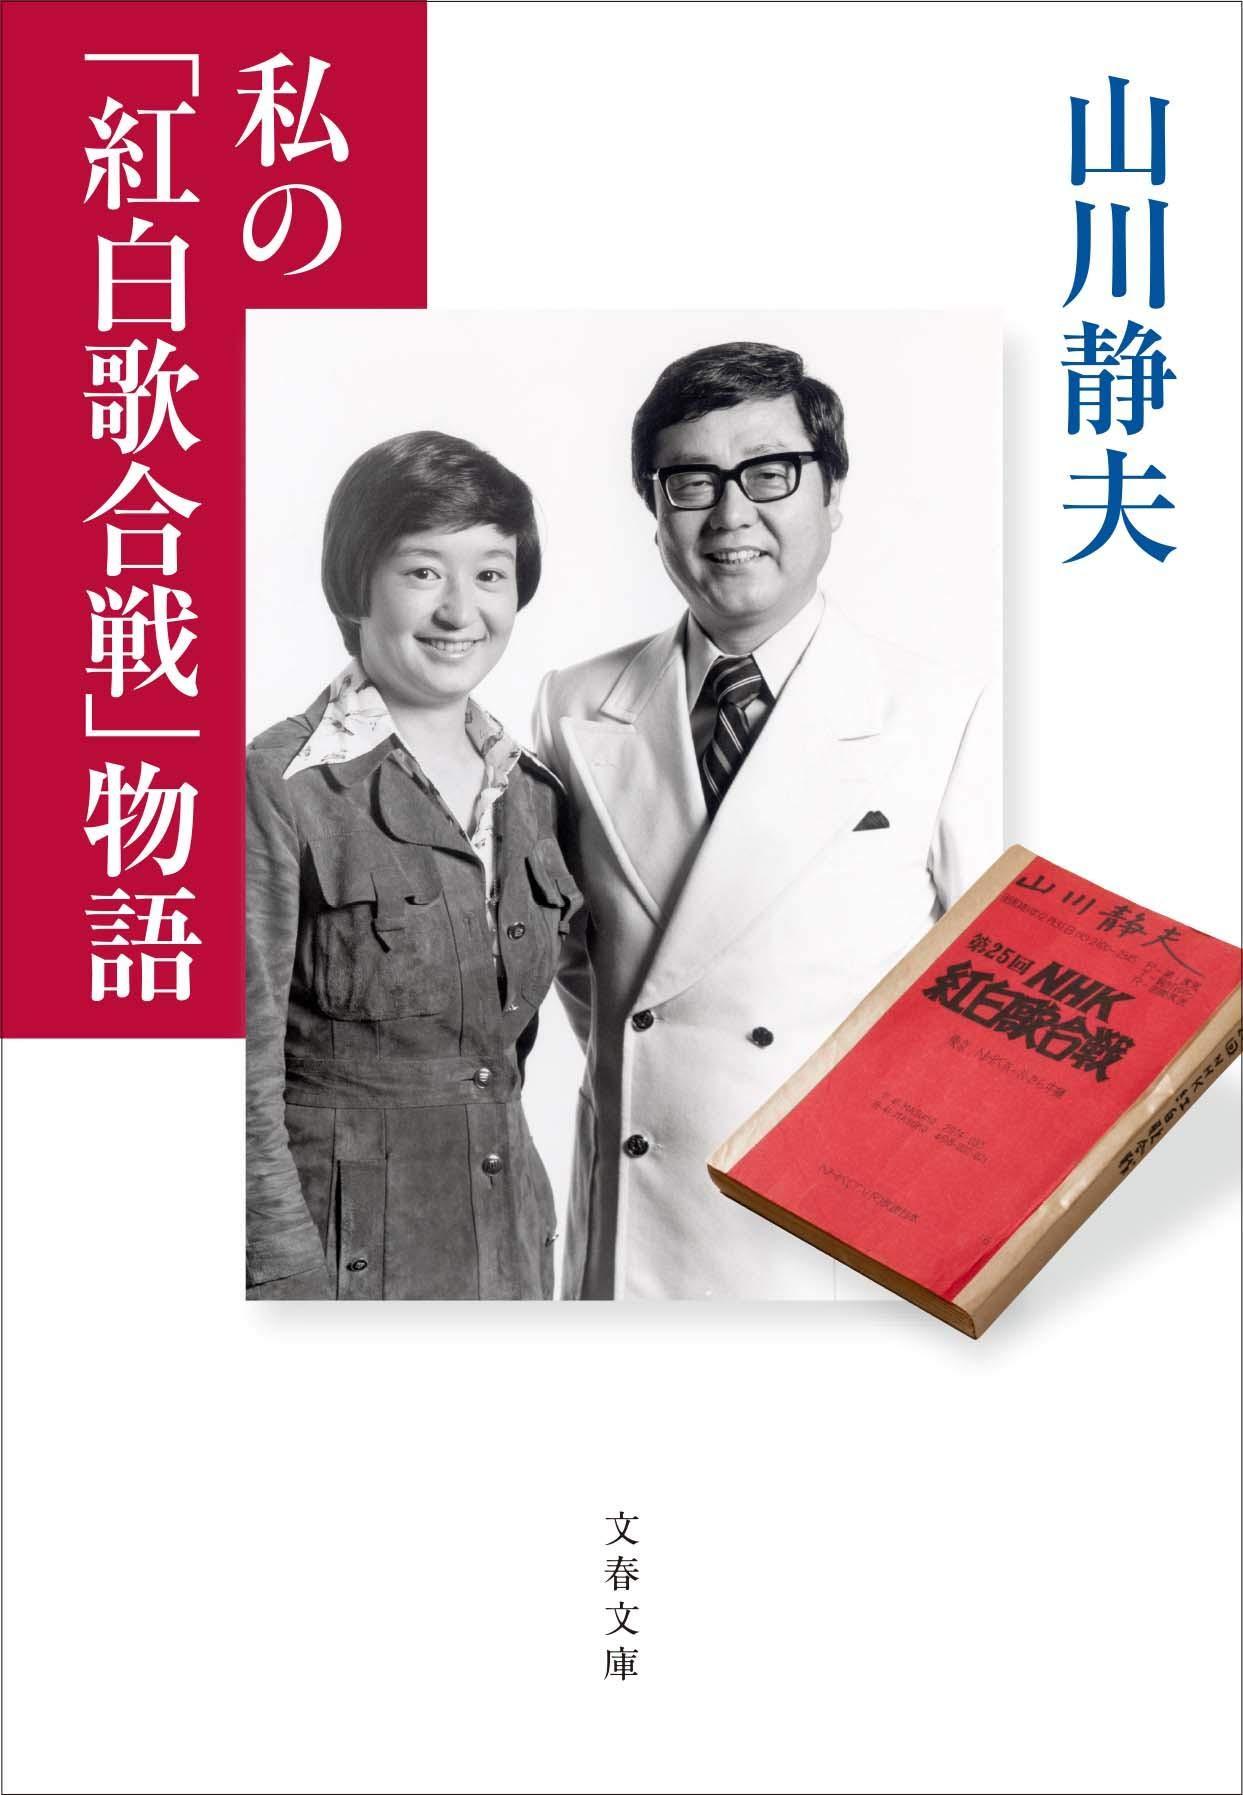 私の「紅白歌合戦」物語 (文春文庫) | 静夫, 山川 |本 | 通販 | Amazon